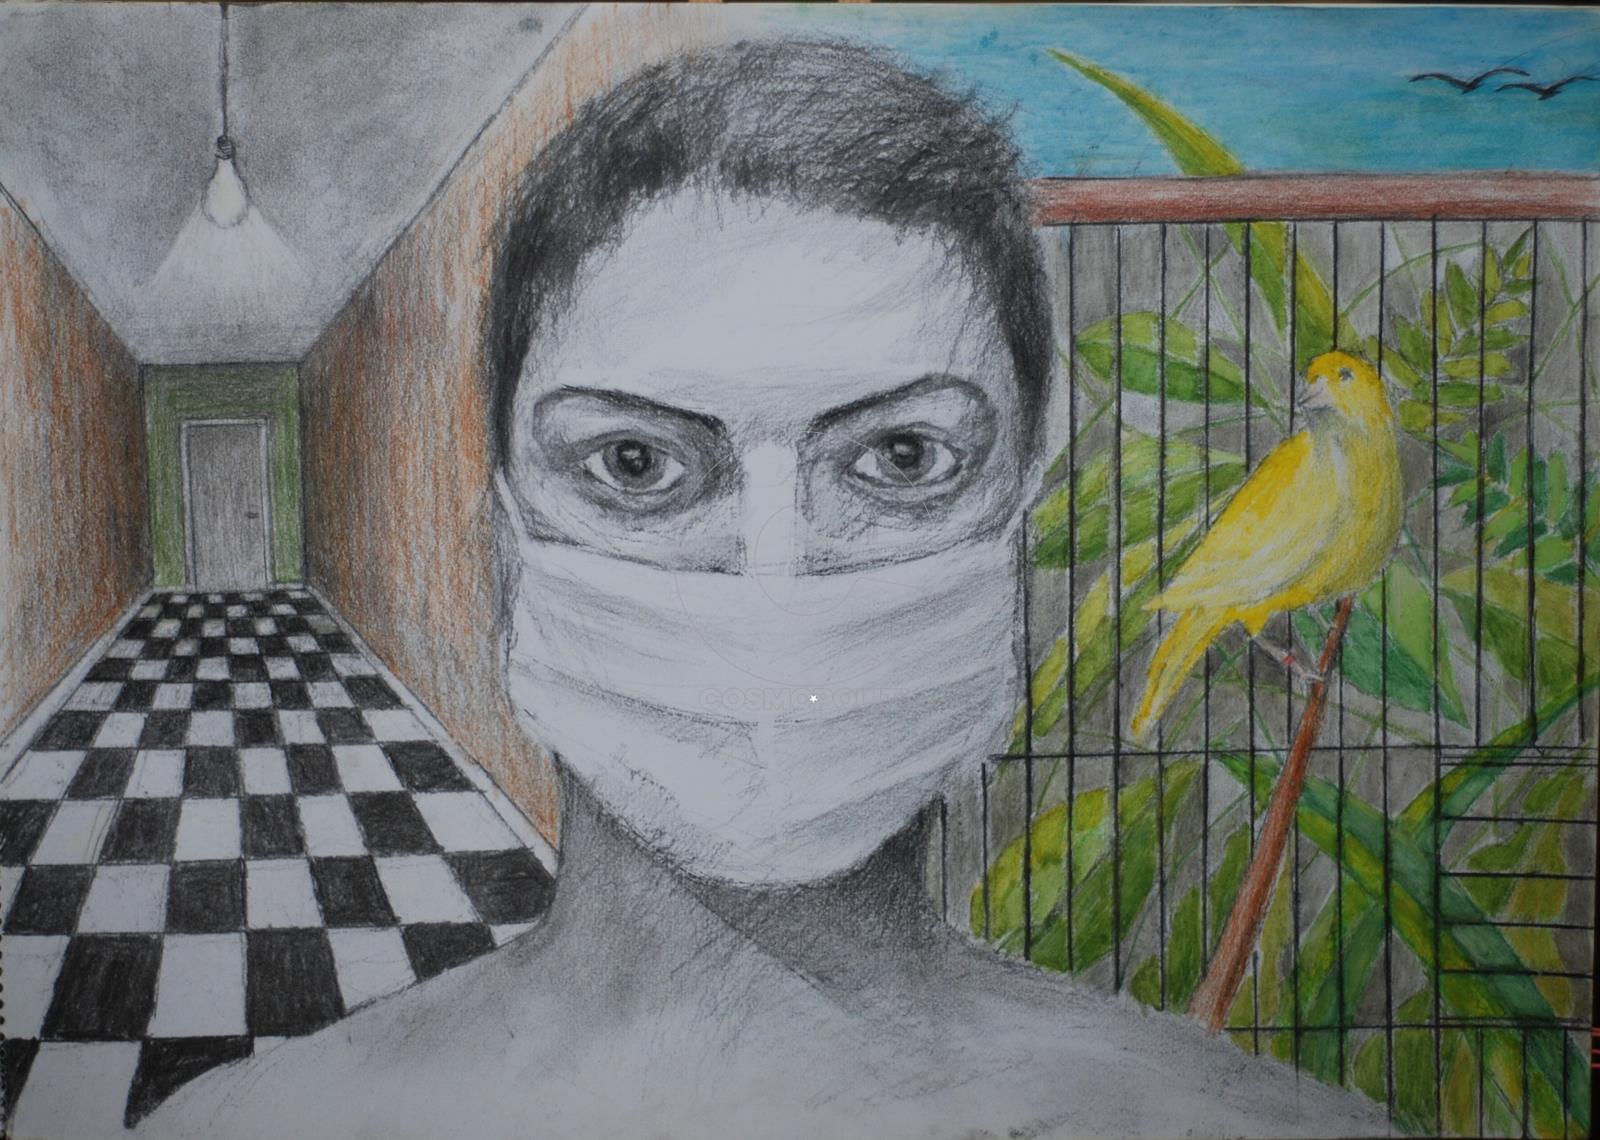 Μαριλένα Ζολώτα - Marilena Zolota, Υγιεινή ζωή - Healthy life, 34x48cm, Χρωματιστά μολύβια και κάρβουνο - Colored pencils and charcoal